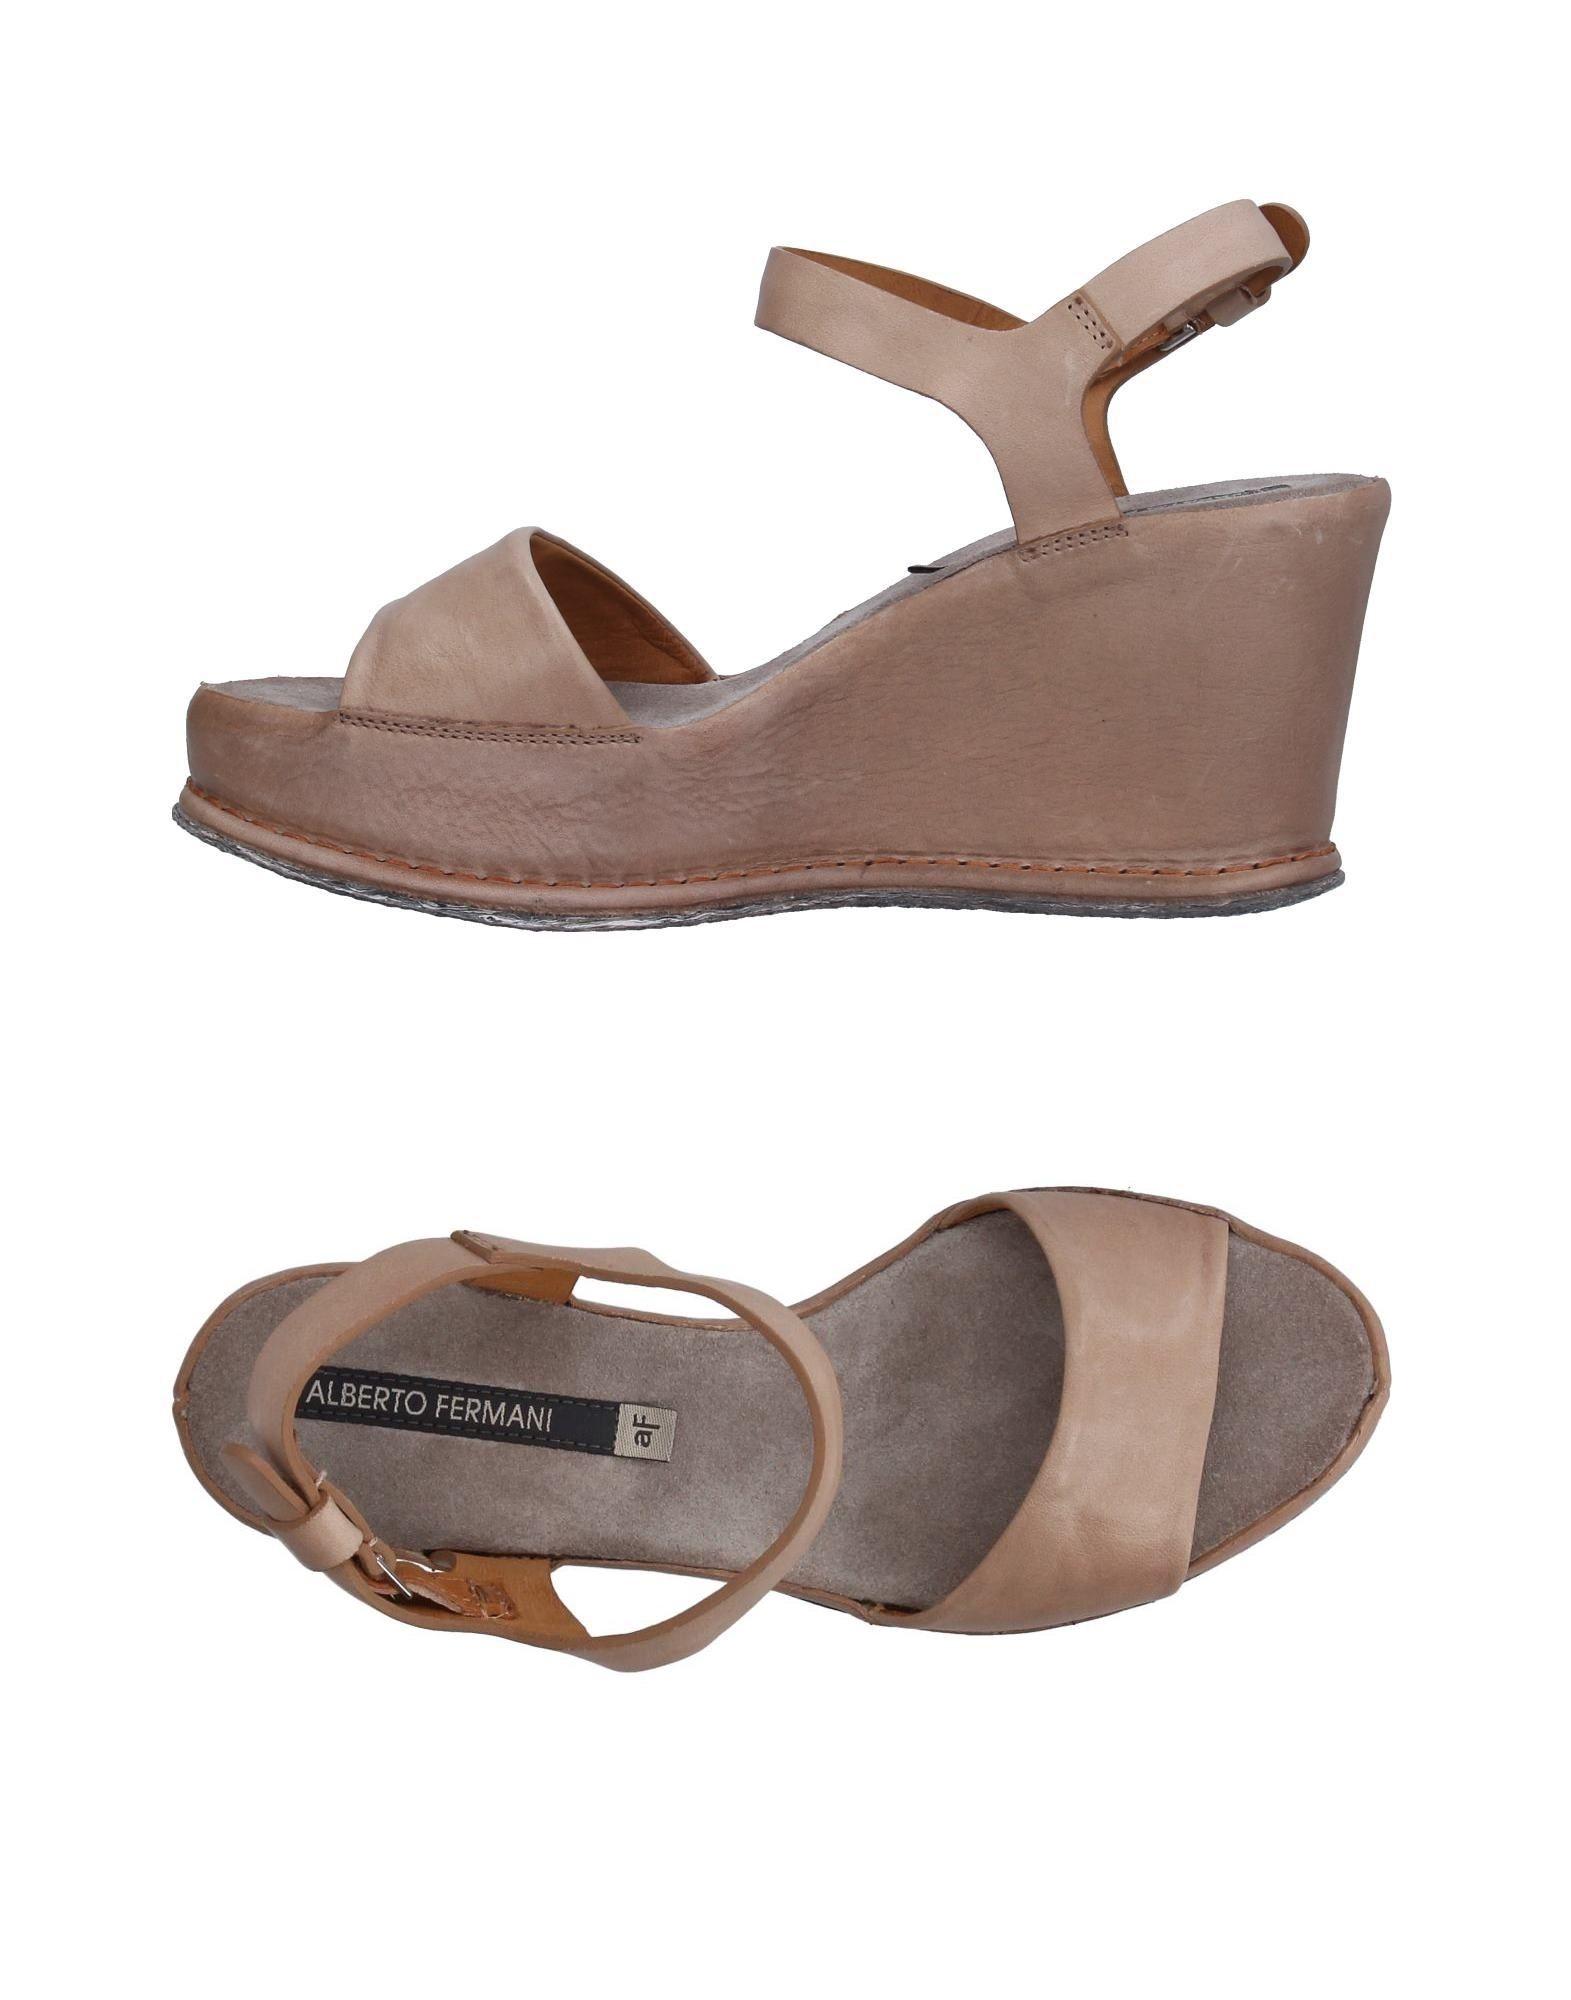 Los últimos para zapatos de descuento para últimos hombres y mujeres Sandalia Alberto Fermani Mujer - Sandalias Alberto Fermani  Arena 06289b